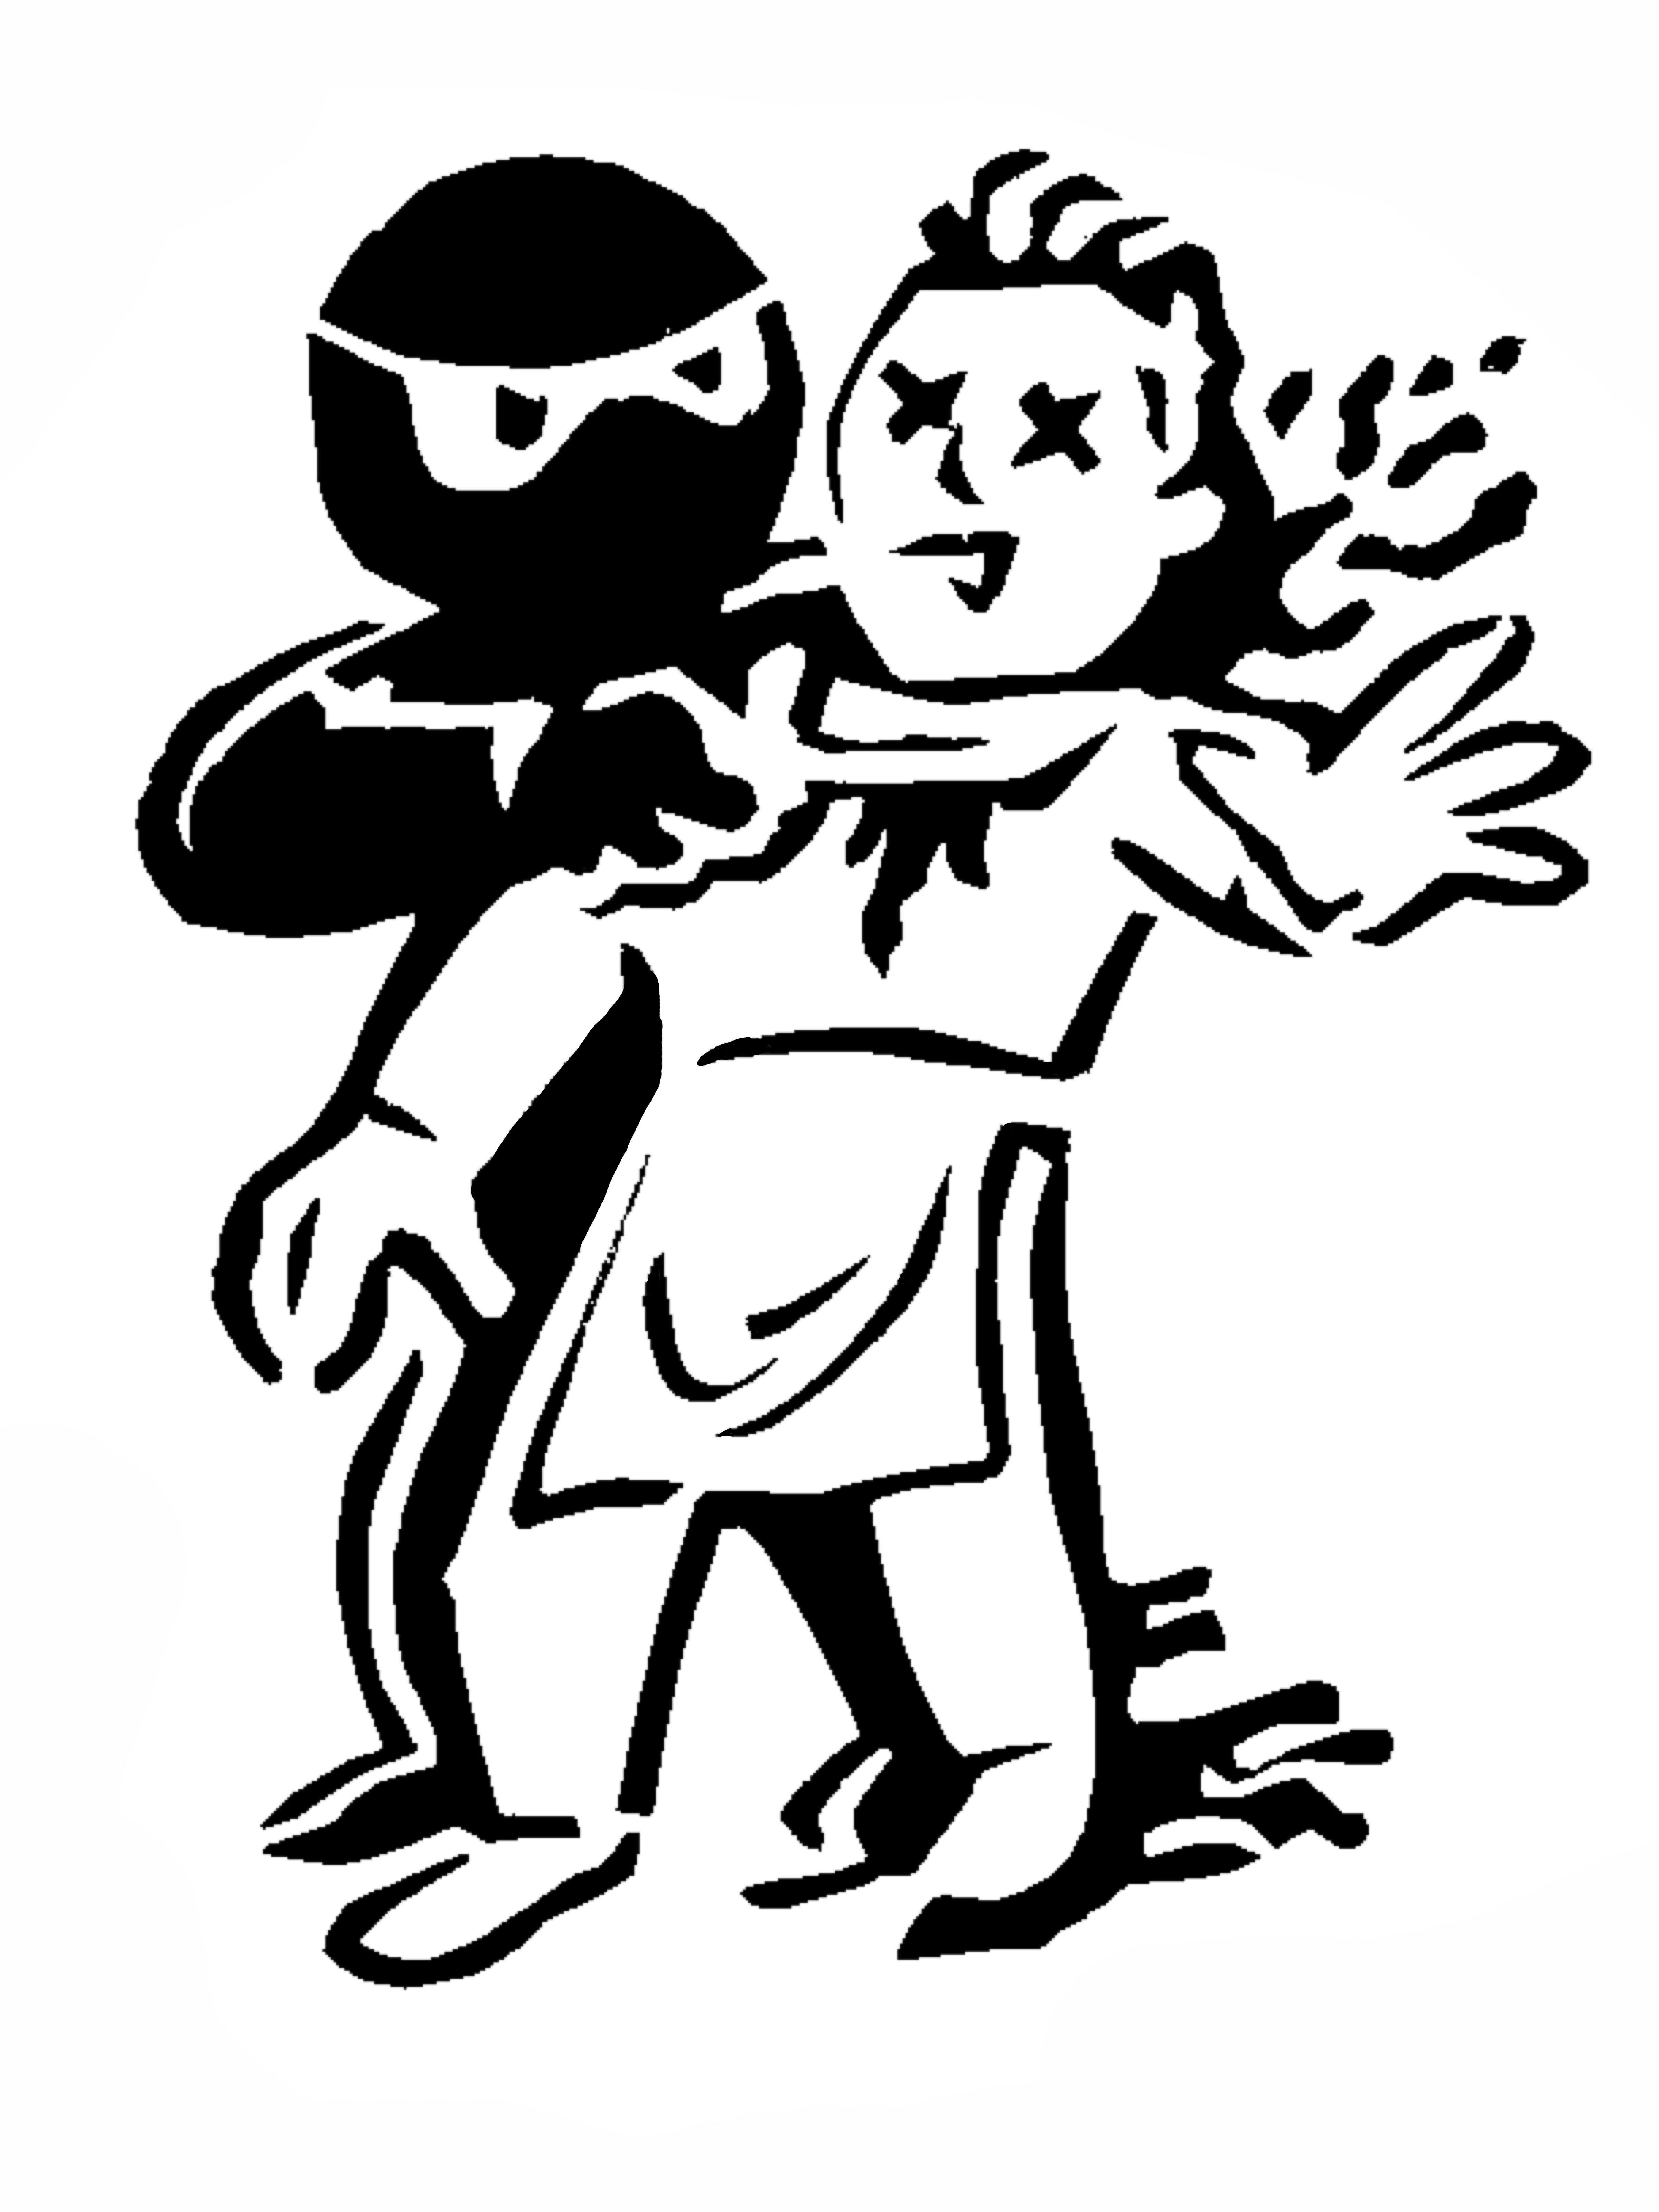 Ninja slitting throat